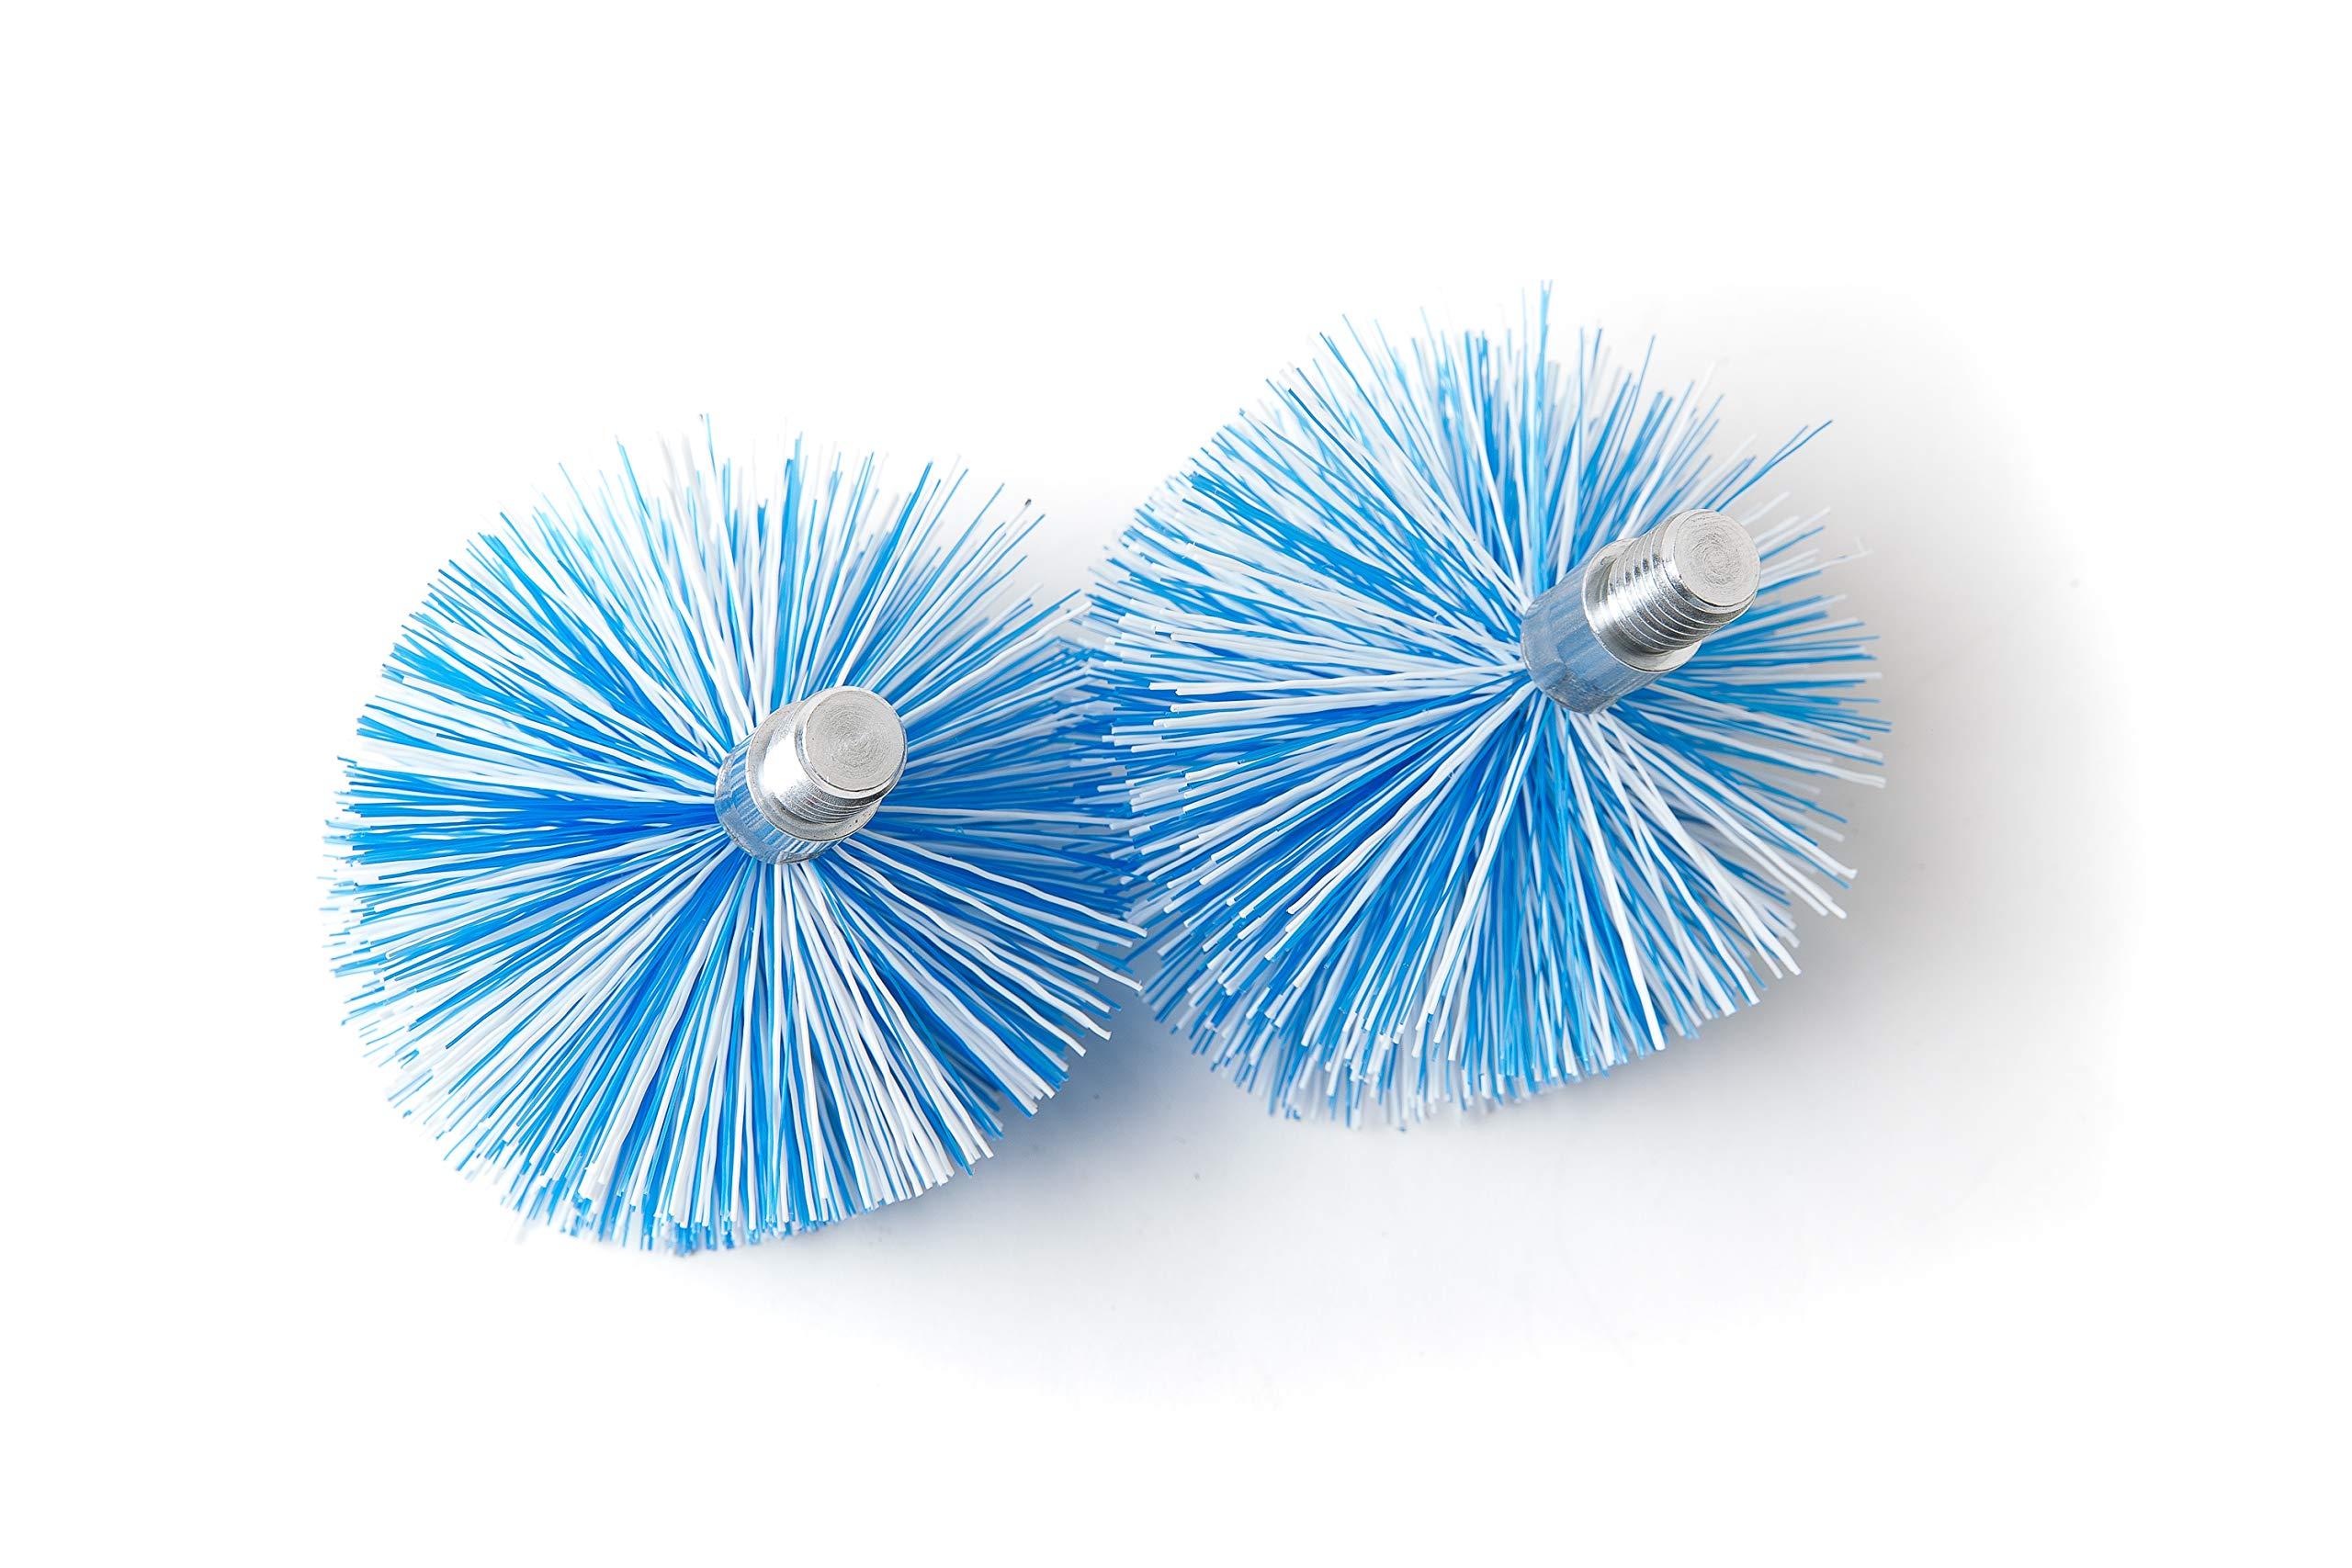 BARETTO – 2 cepillos de repuesto – Cepillos Pellet 120mm, Cepillo de limpieza de estufas de pellets y tubos de humos